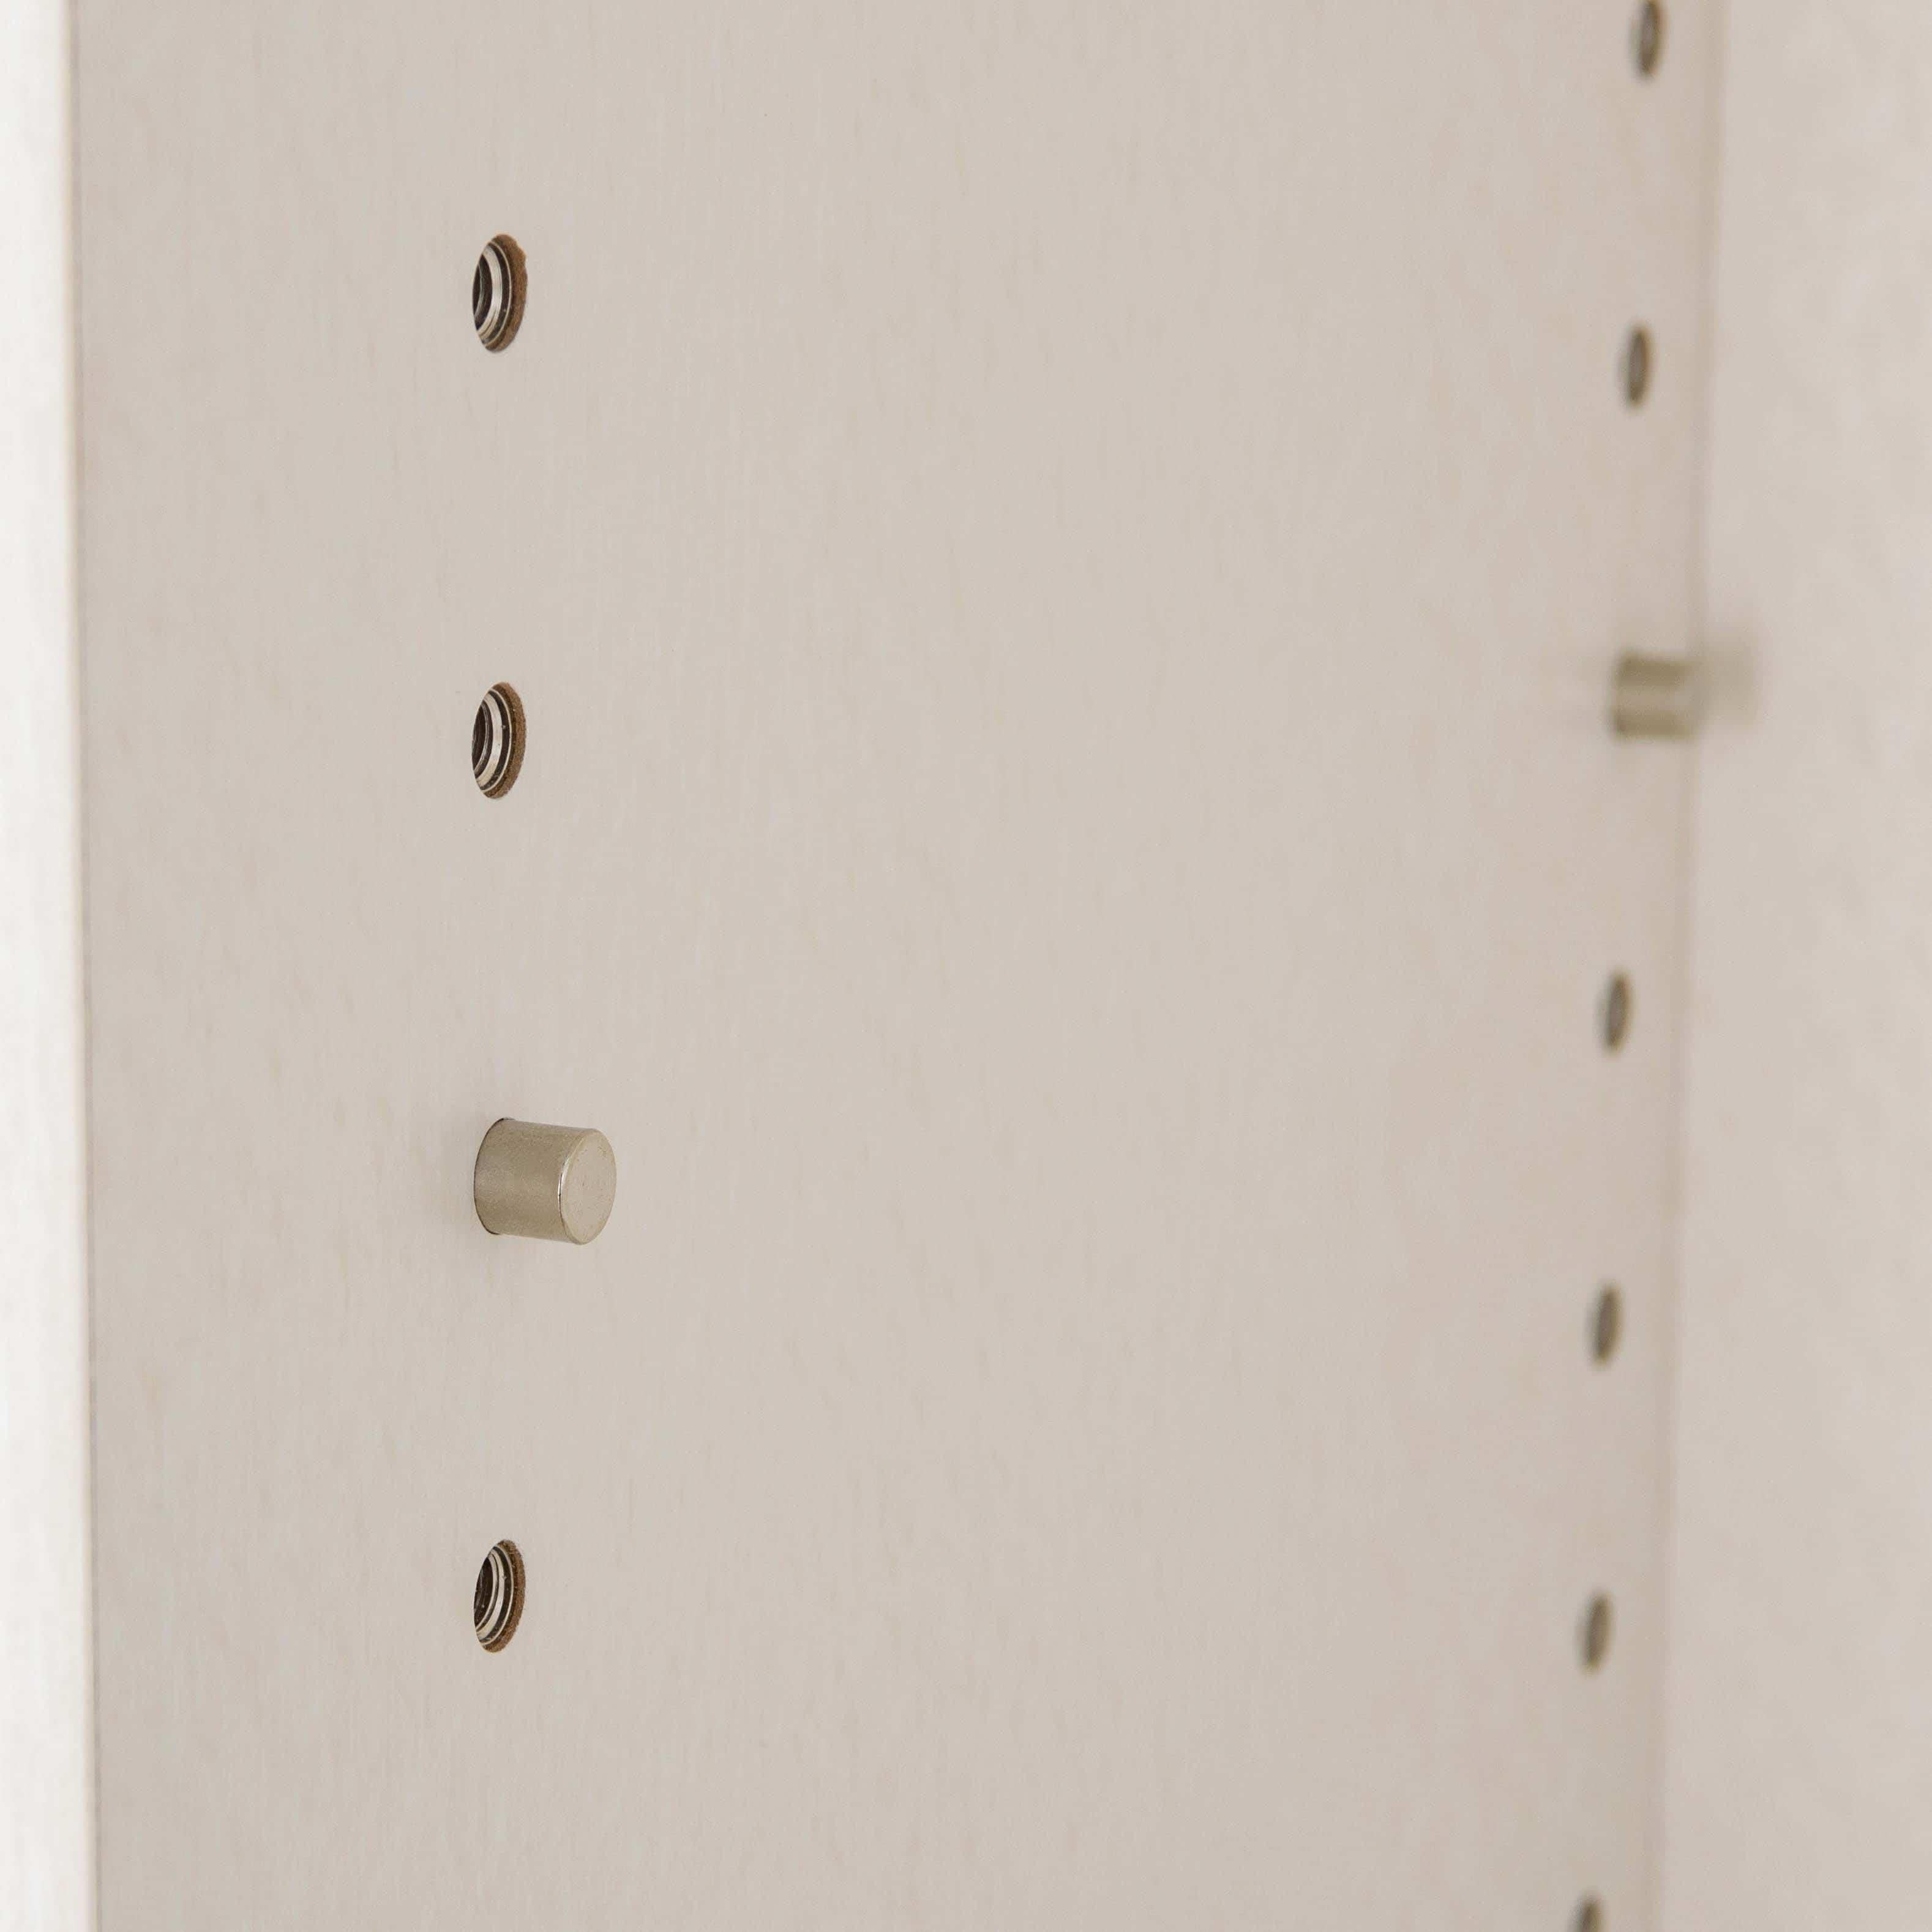 小島工芸 書棚 アコード100H(チェリーナチュラル):キレイに収まる魅せる収納